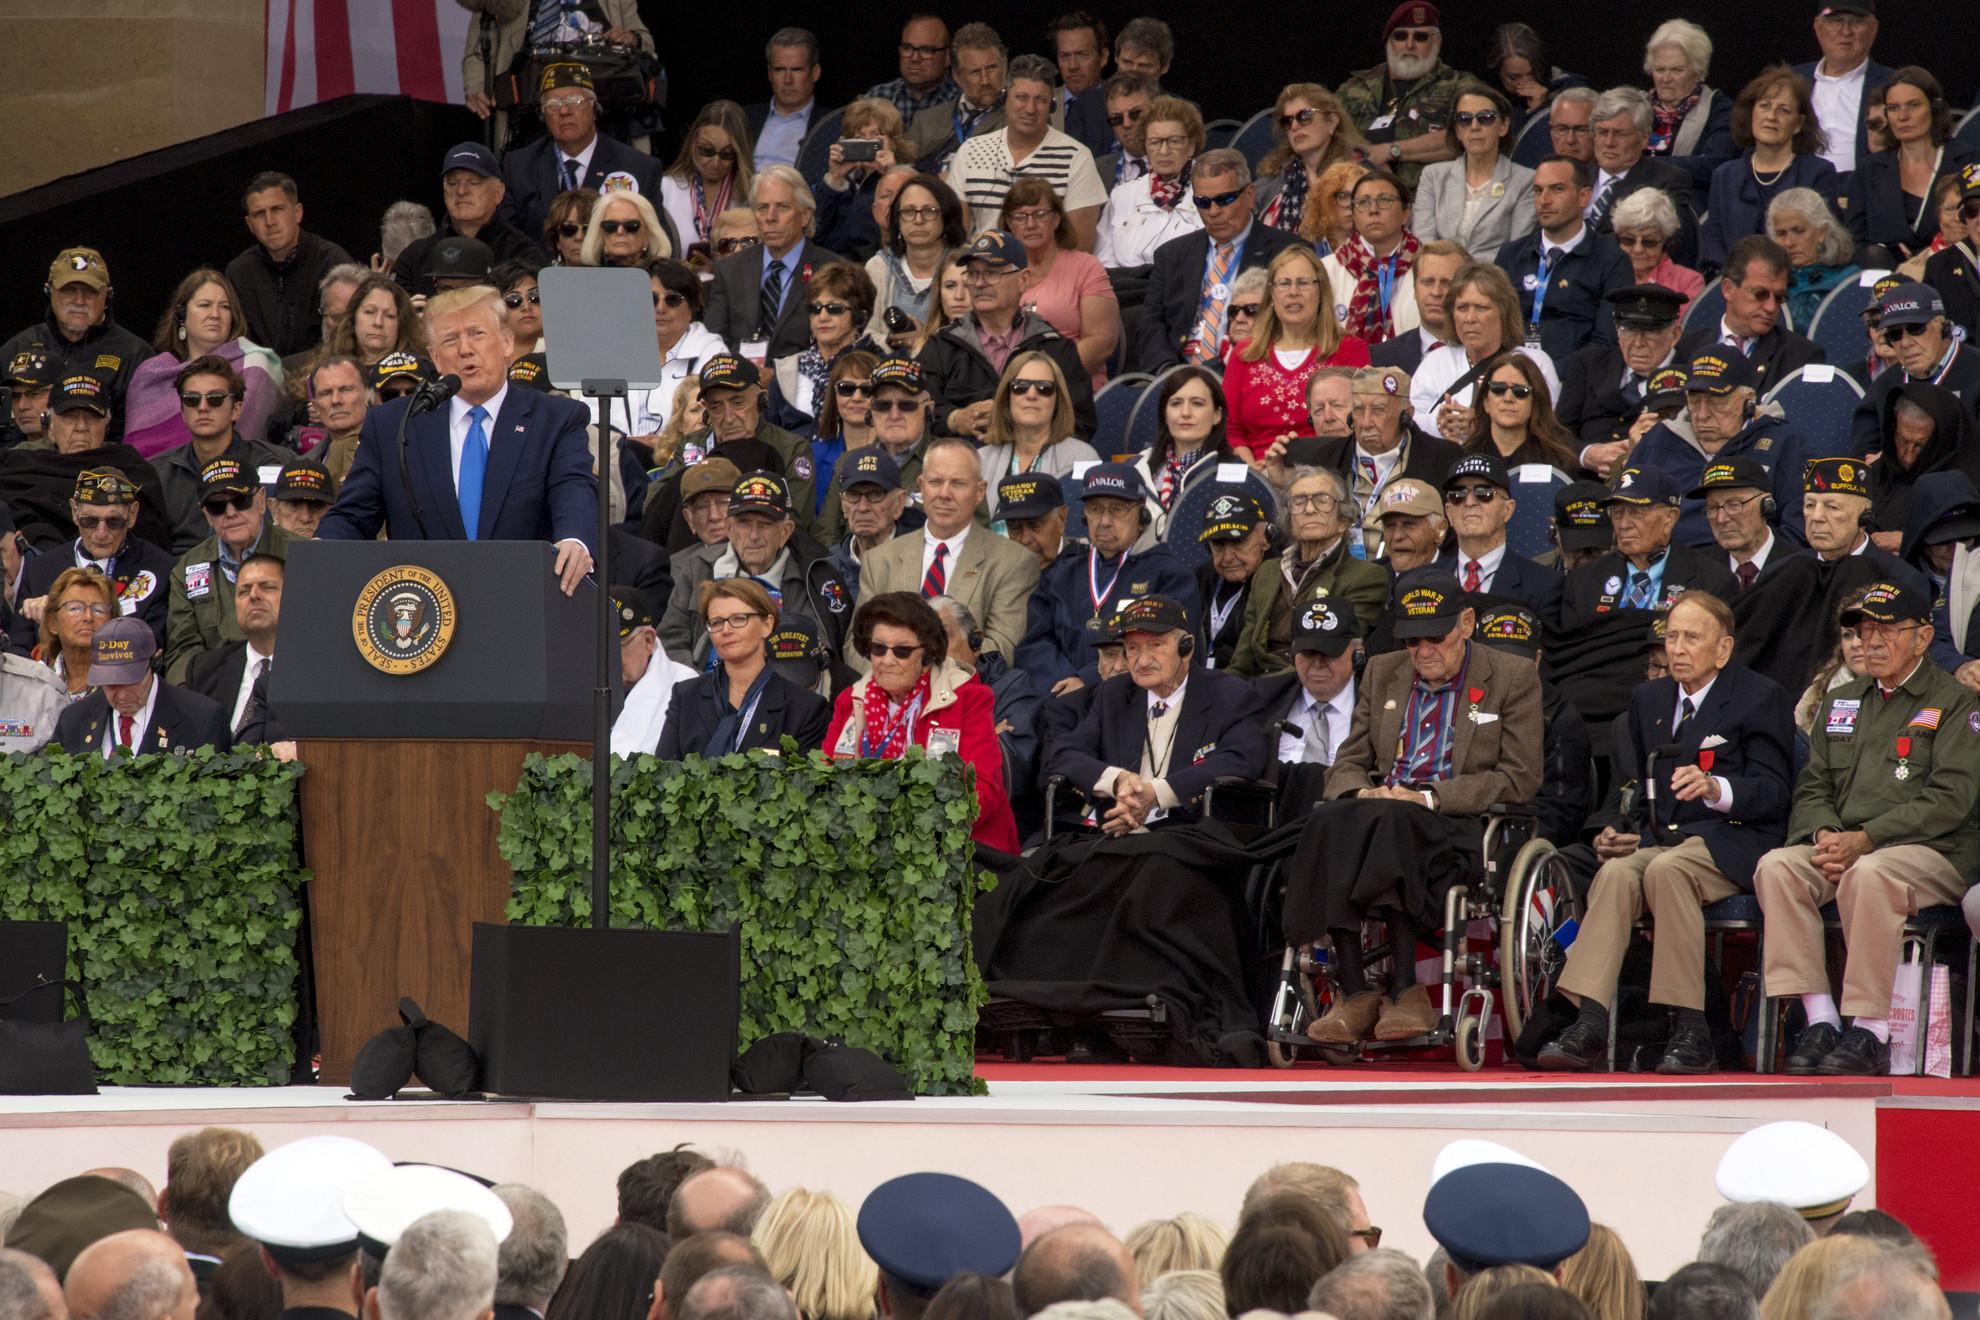 Donald Trump amerikai elnök beszédet mond a normandiai partraszállás hetvenötödik évfordulója alkalmából tartott megemlékezésen a nyugat-franciaországi Colleville-sur-Mer amerikai katonai temetőjében